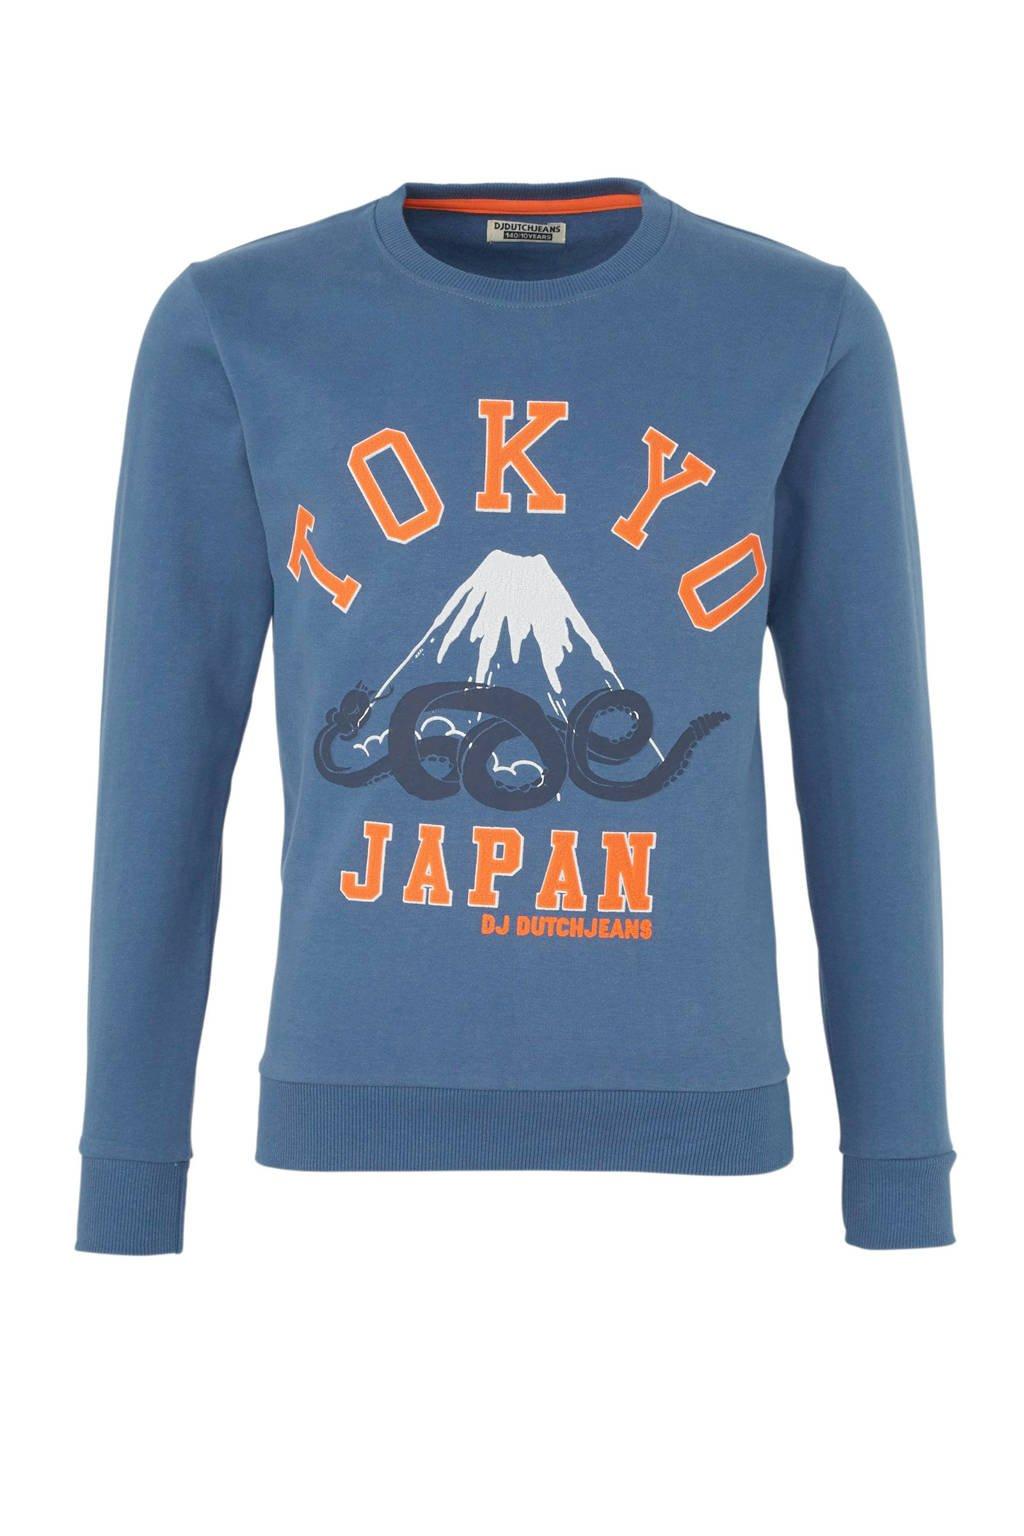 DJ Dutchjeans sweater met printopdruk vergrijsd blauw